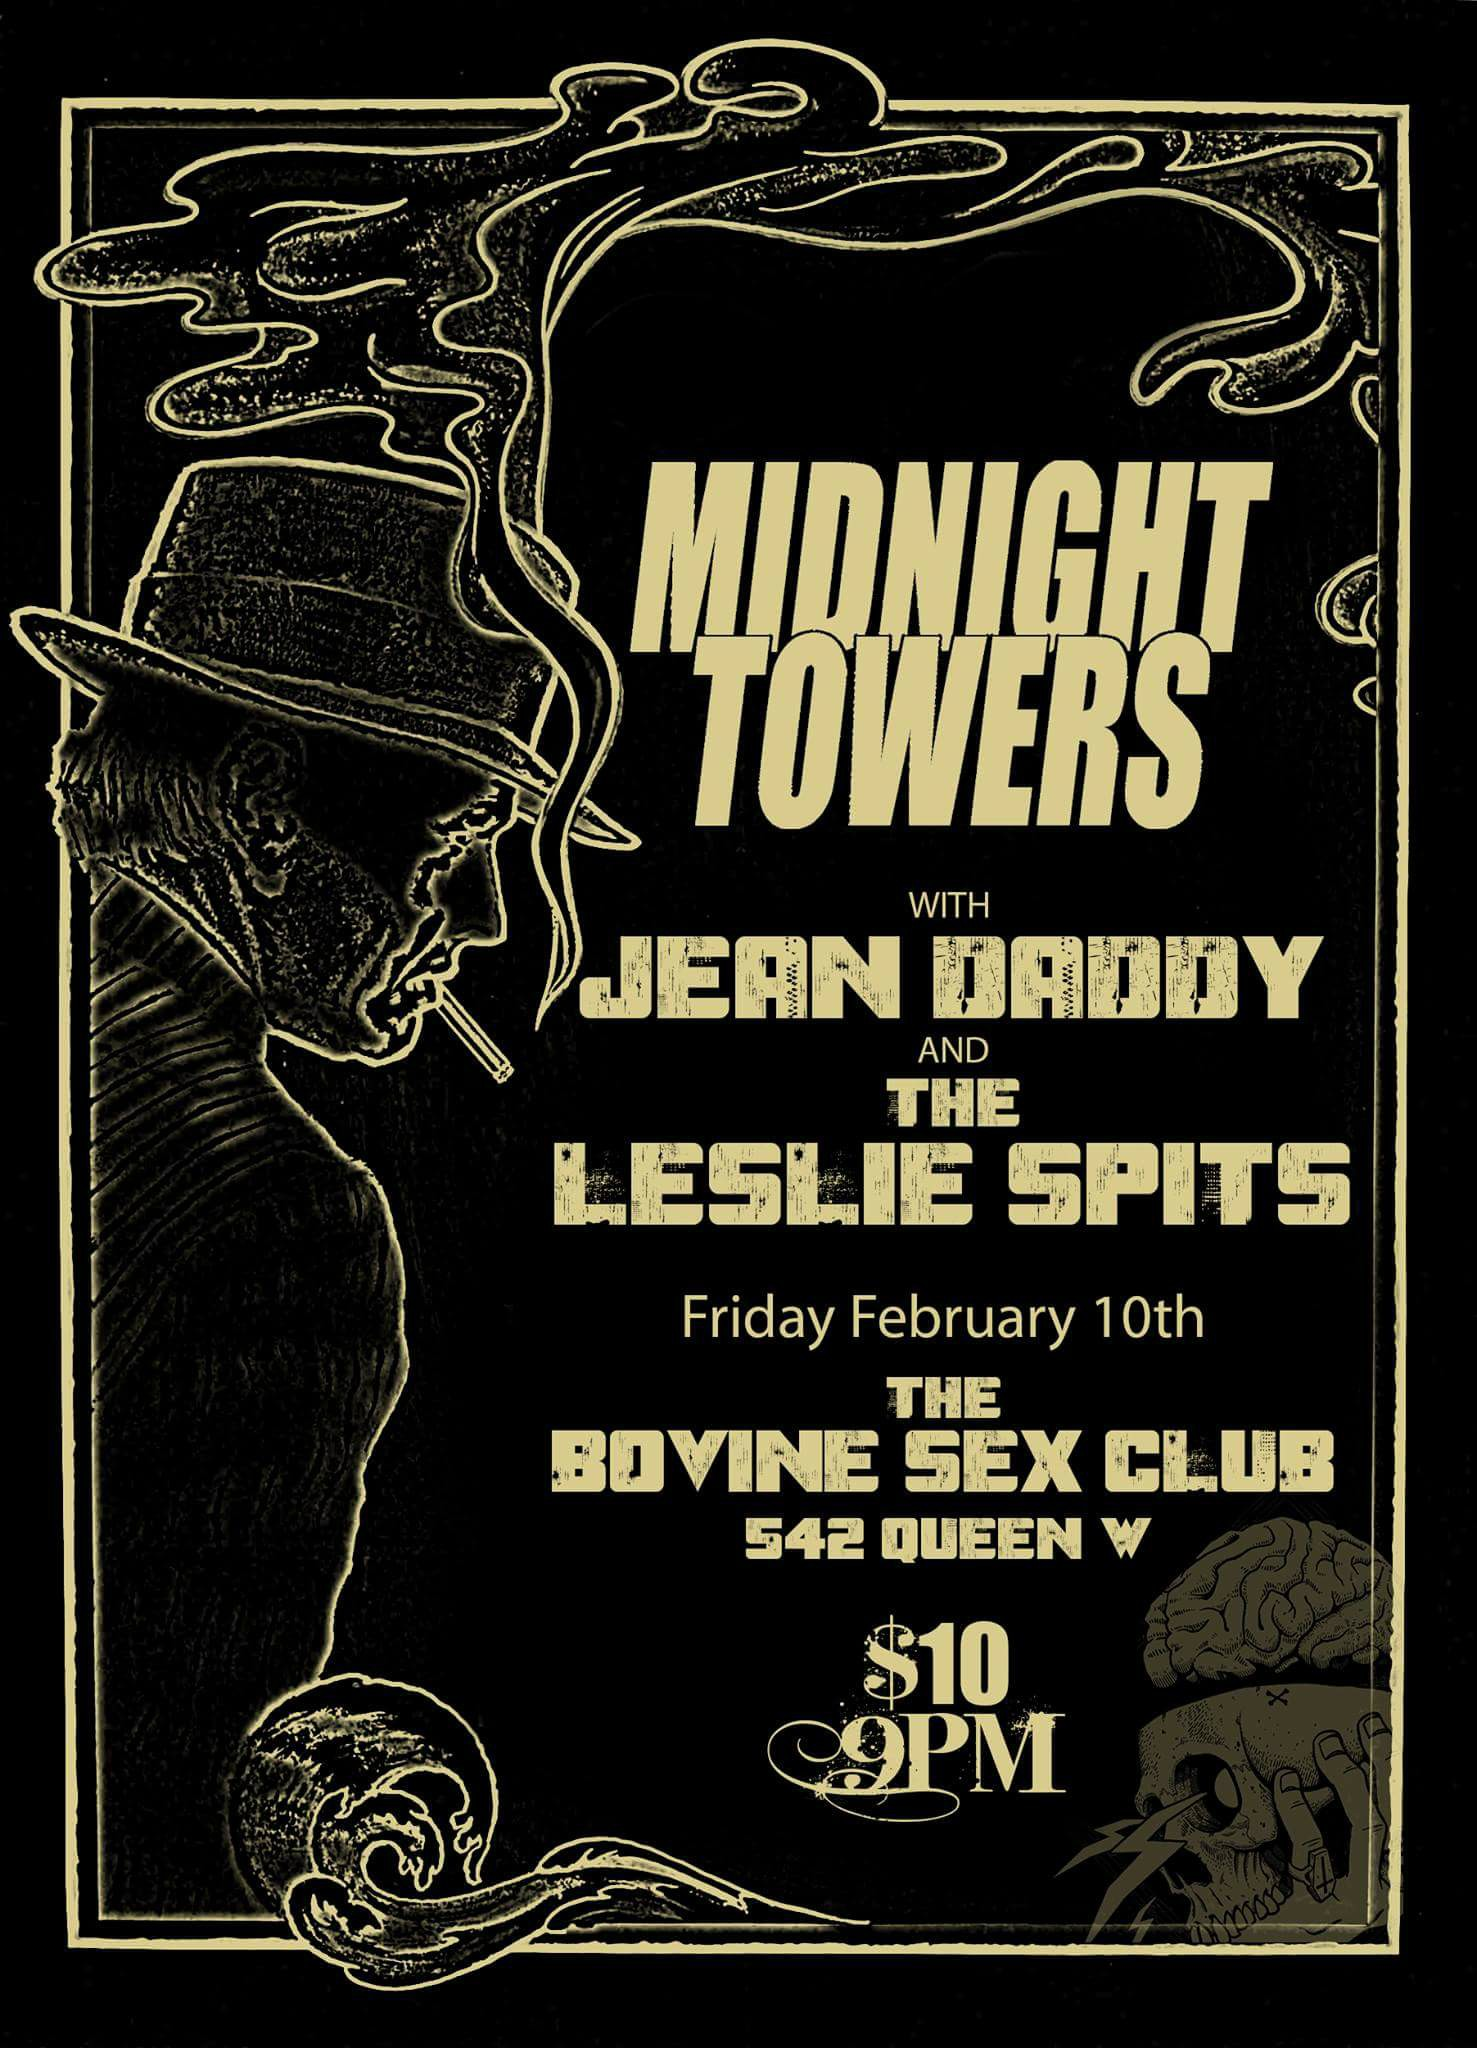 Midnight Towers